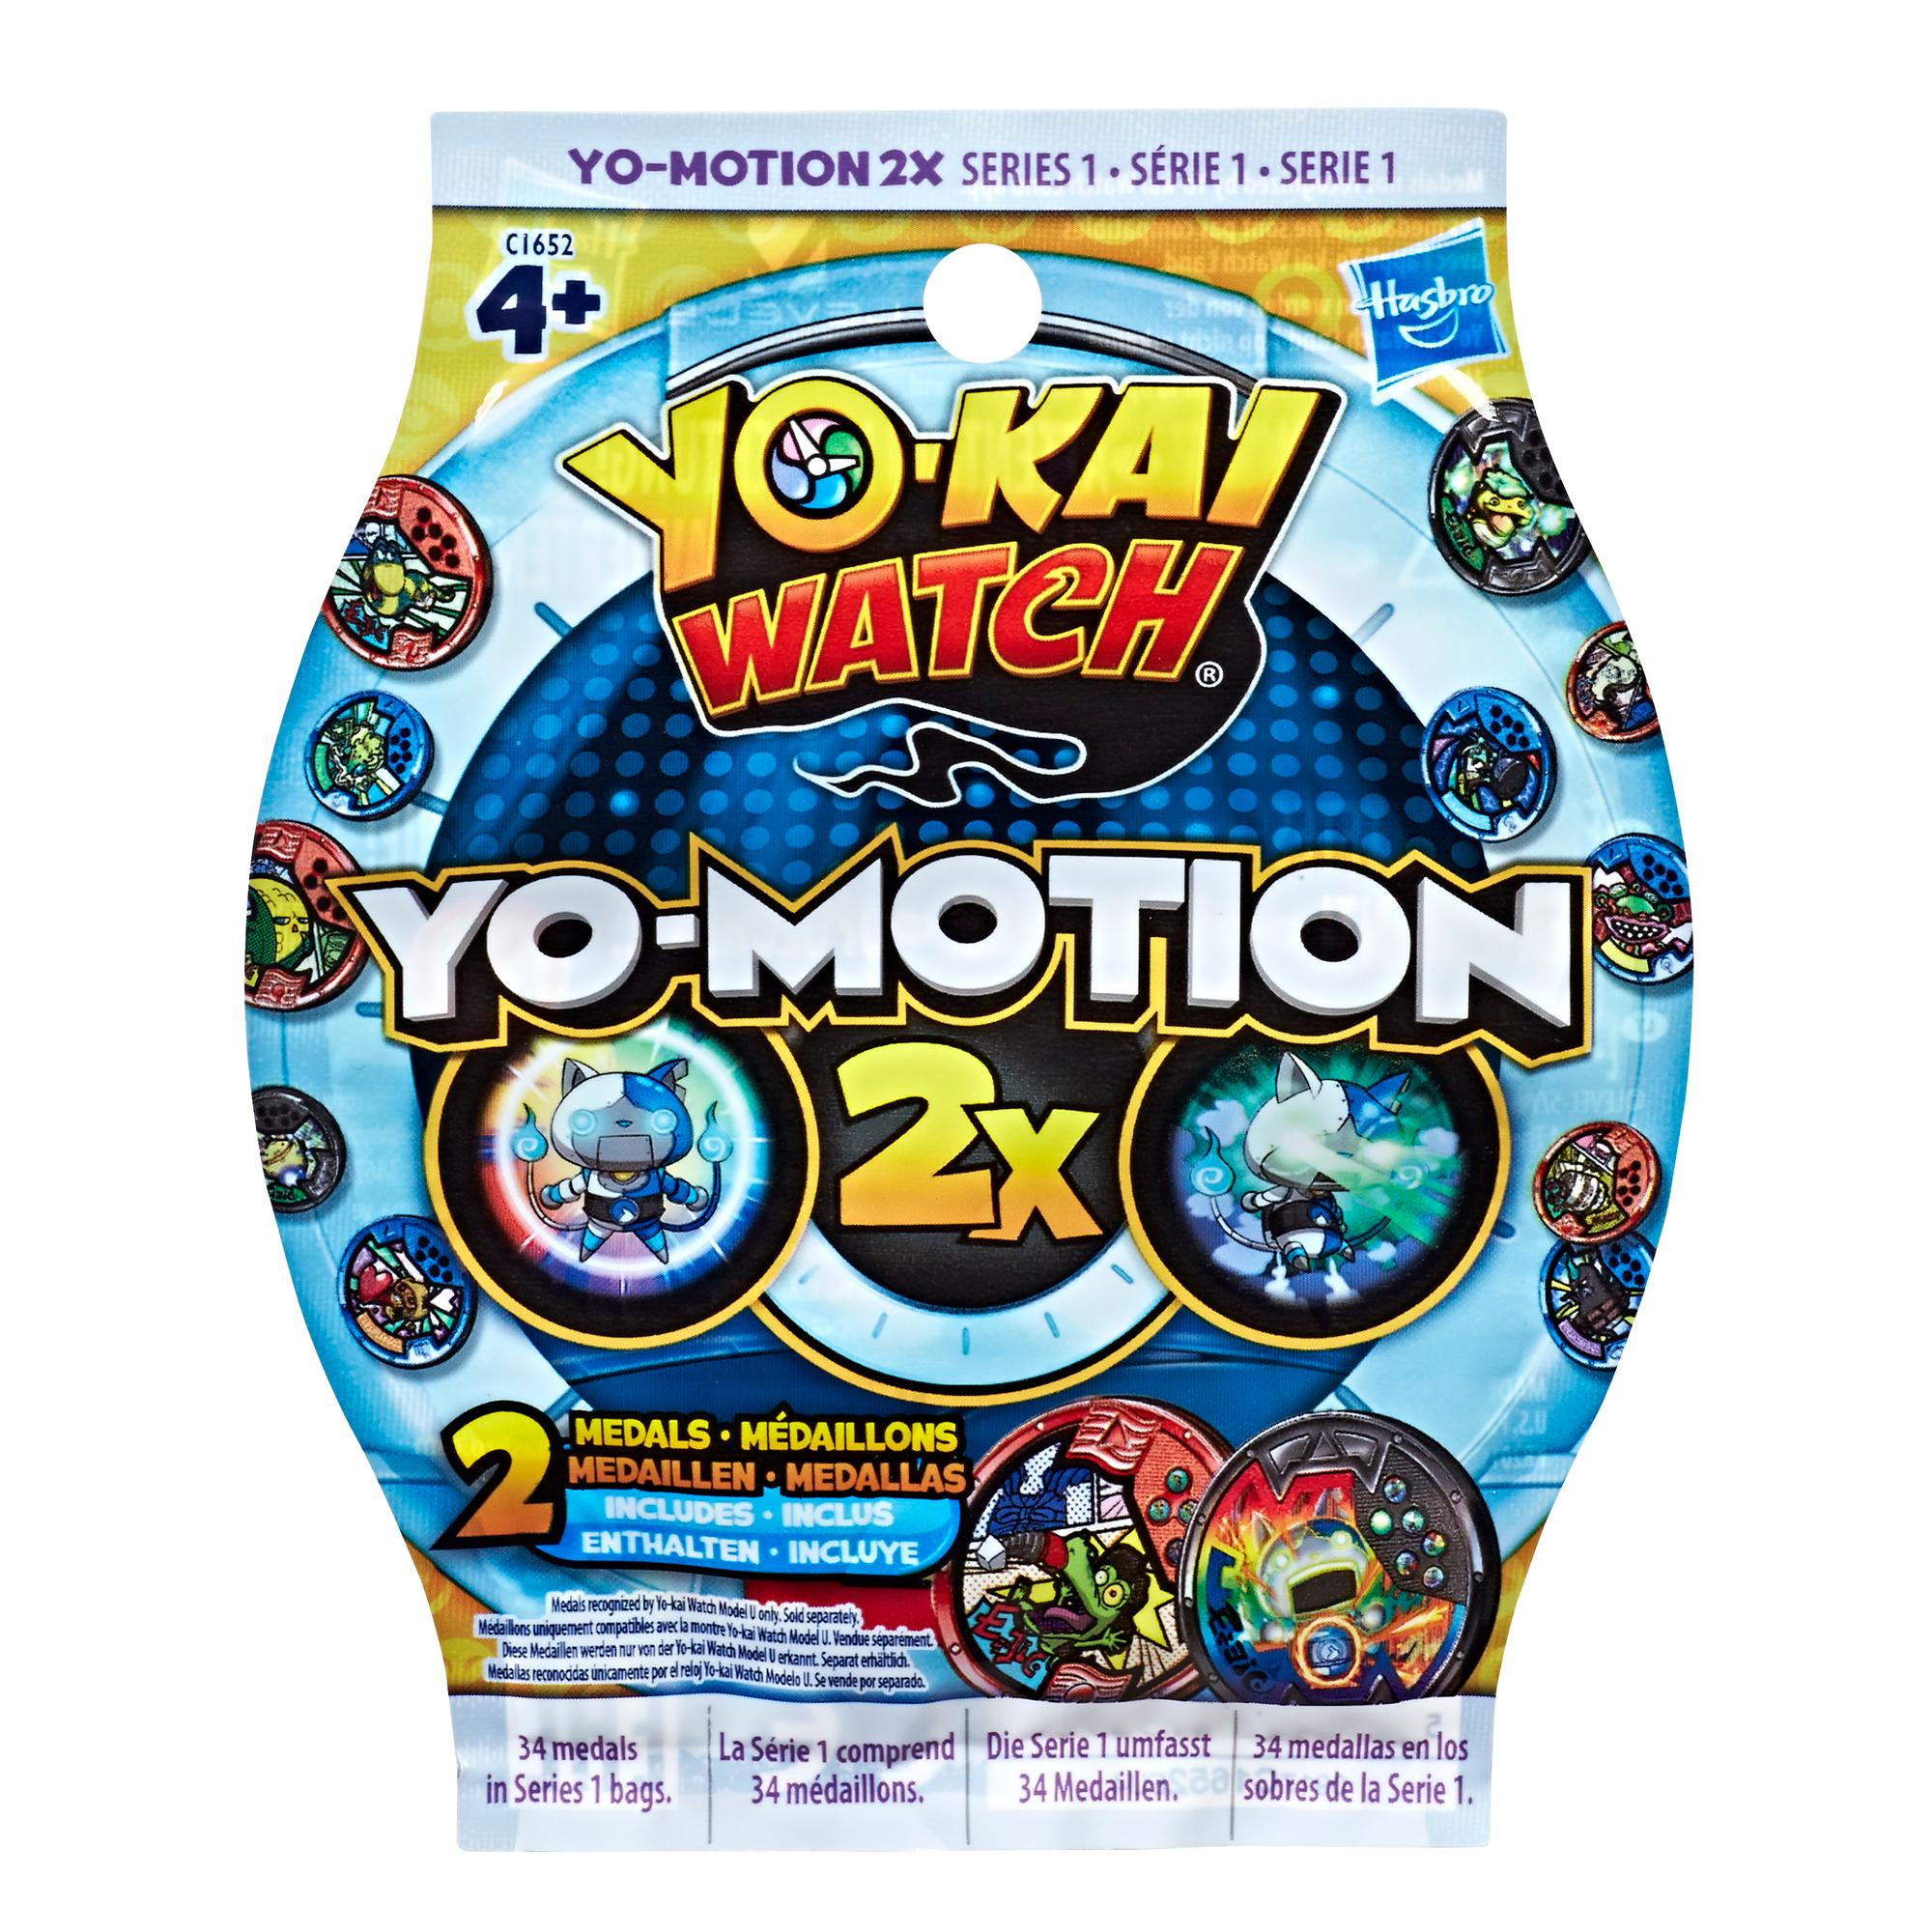 Yo-kai Watch - Medaglie Yo-Motion 2X Blind Bag (Serie 1)